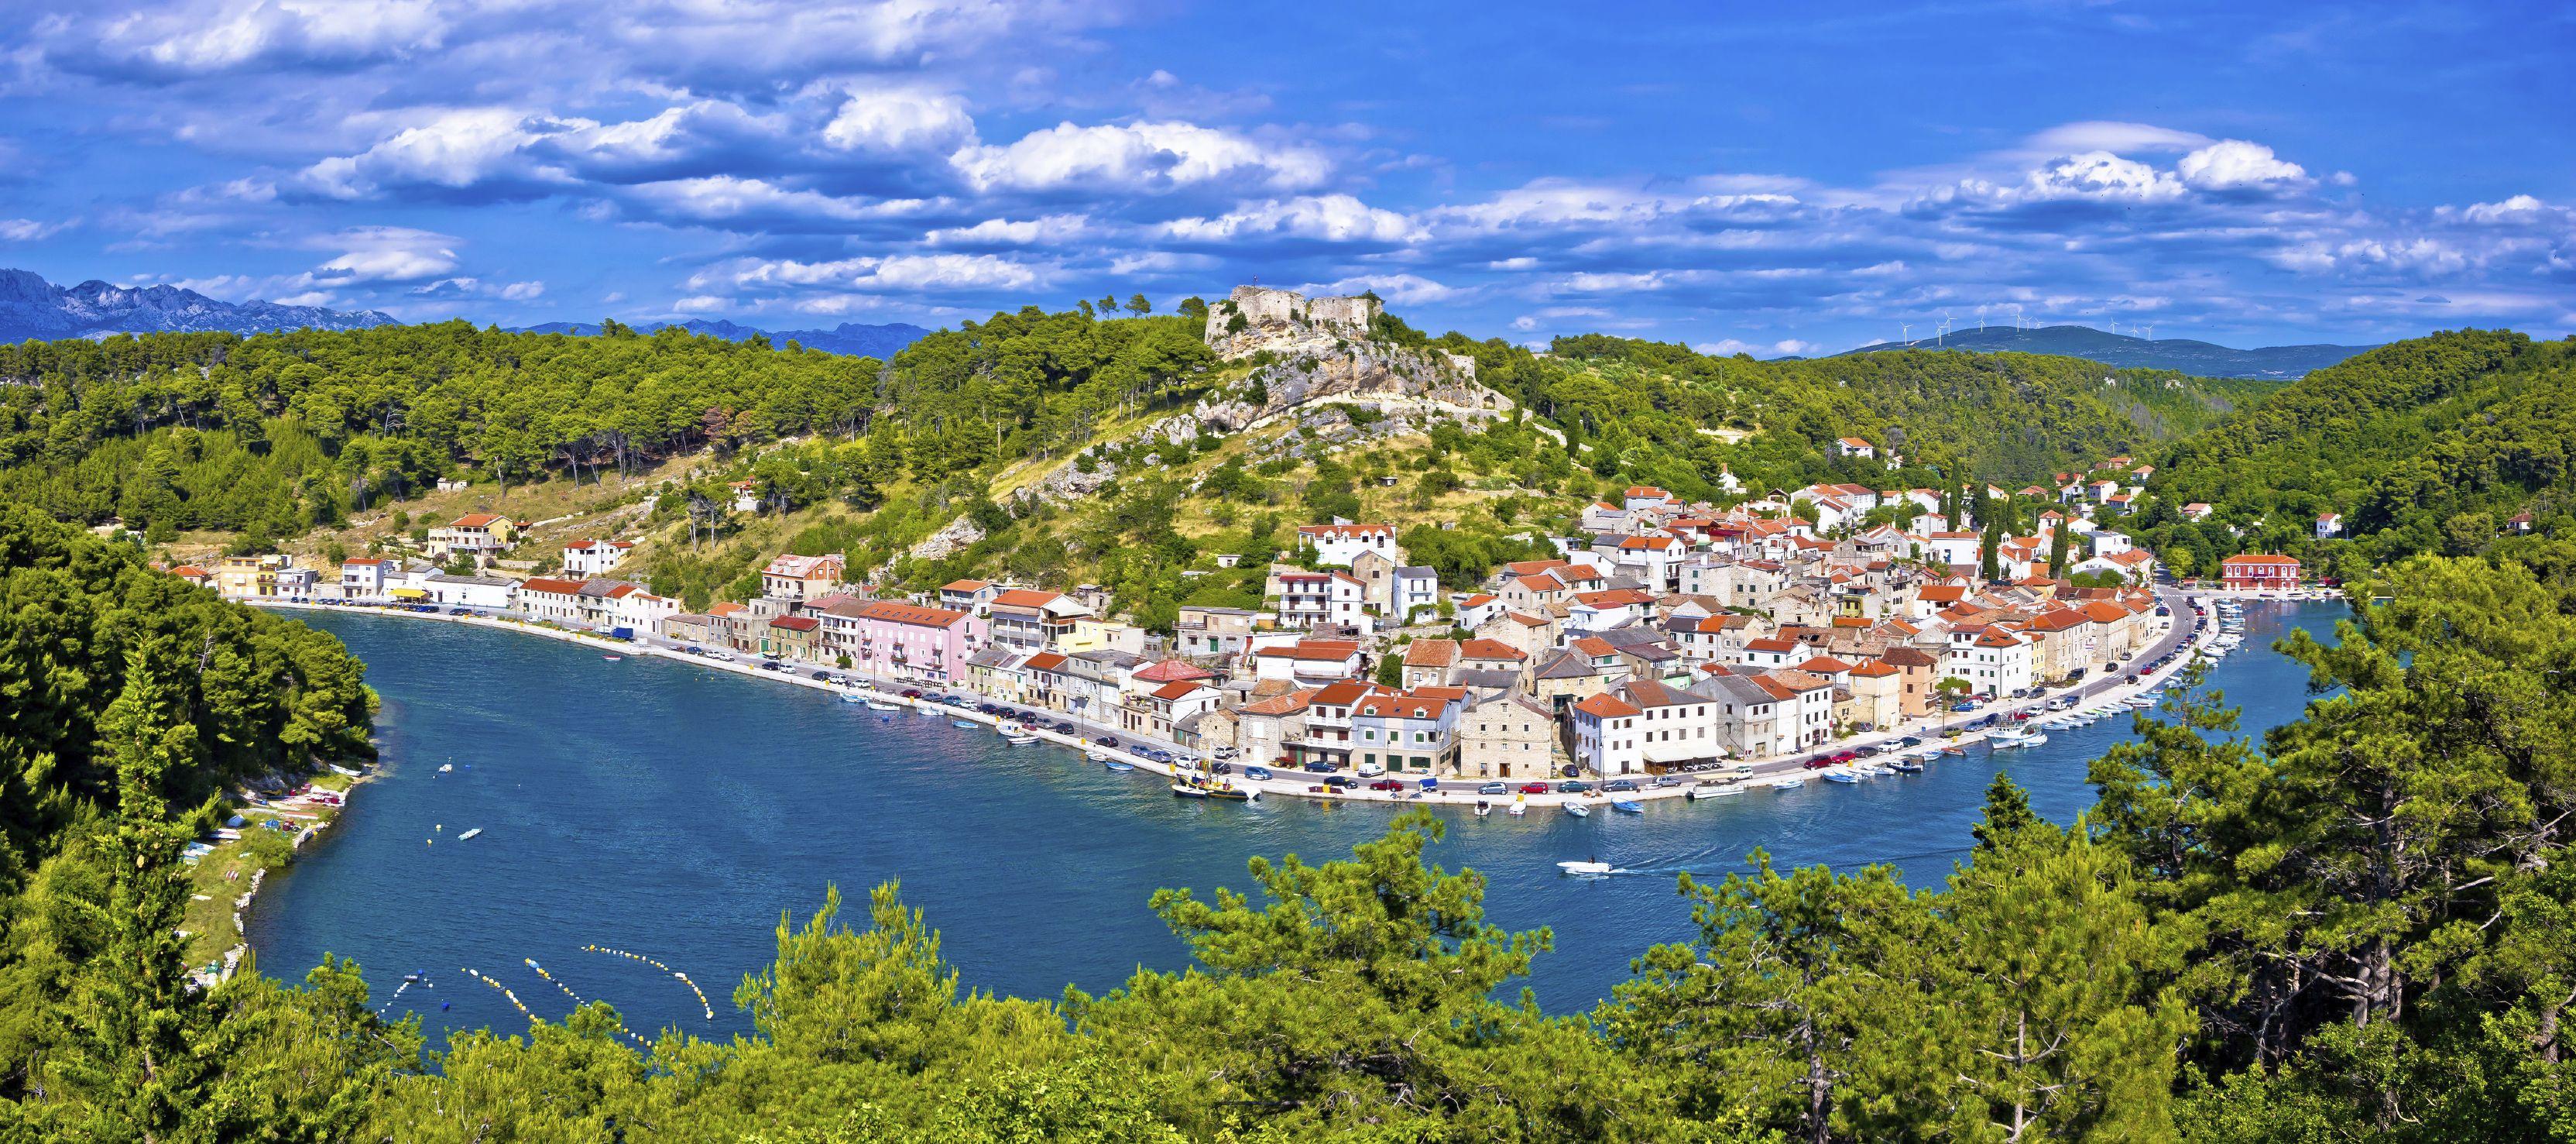 Exklusive Auszeit an Kroatiens Mittelmeerküste: 4 Tage im 4-Sterne Hotel mit…